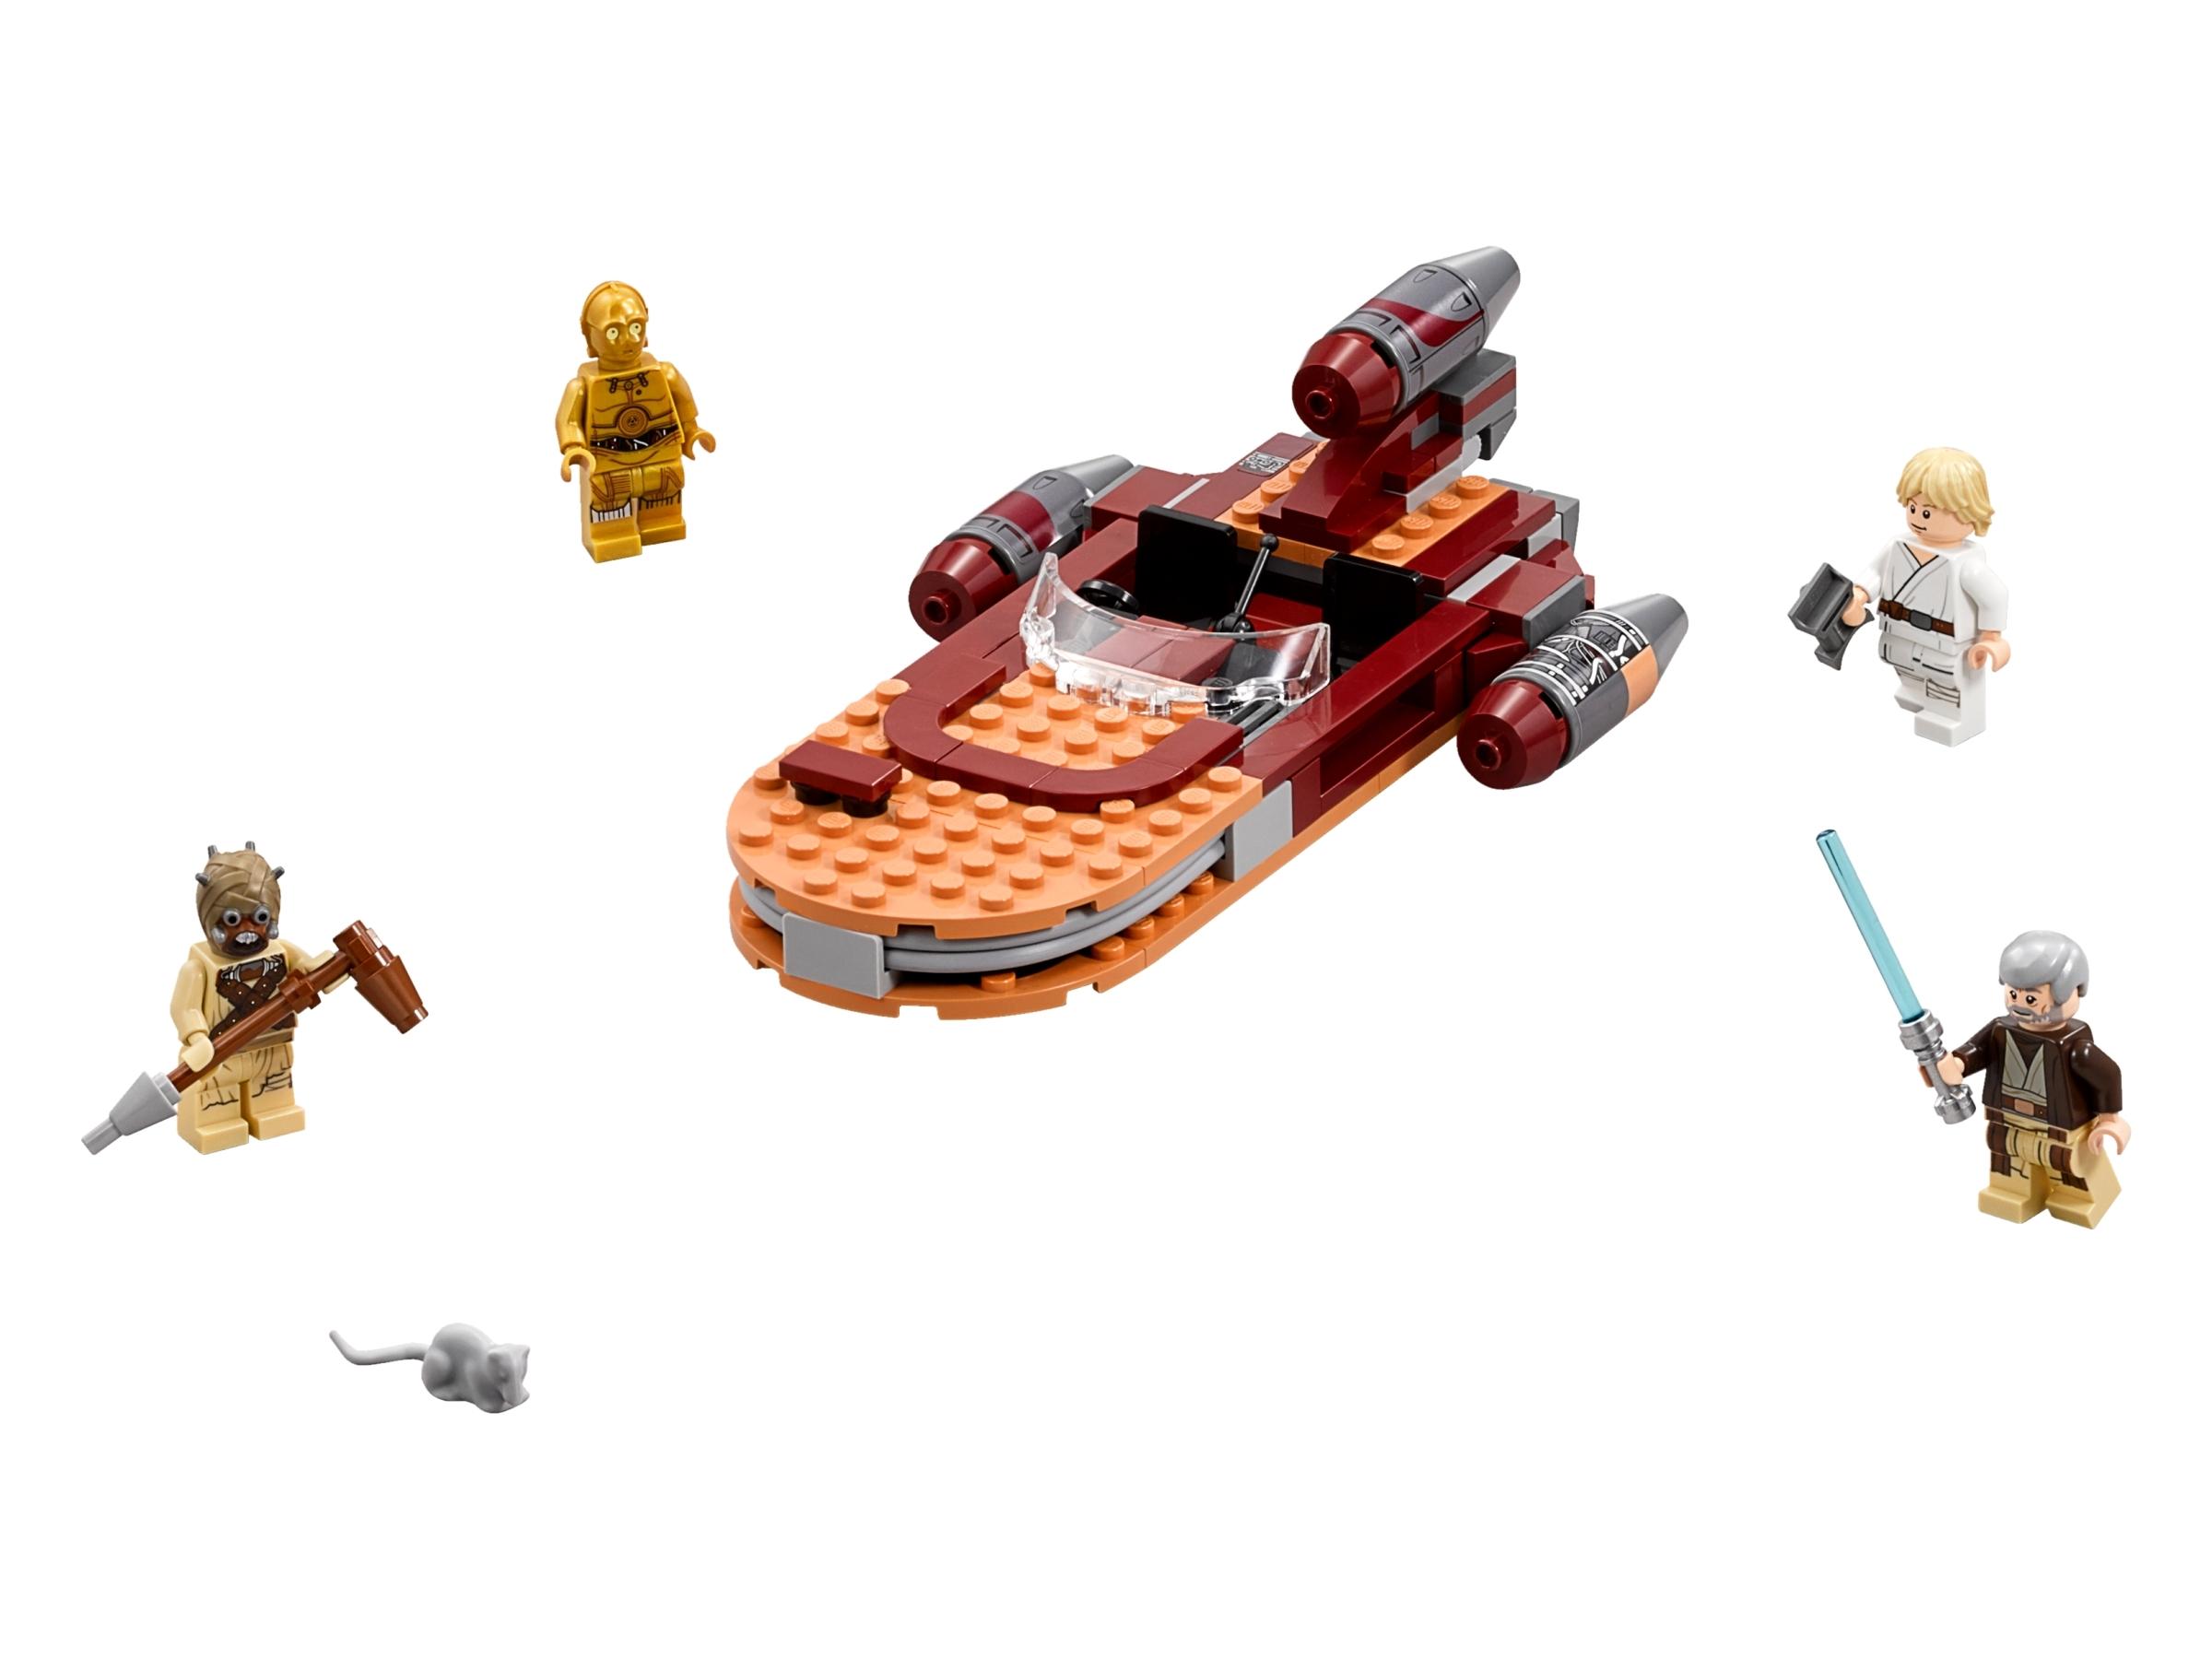 Luke S Landspeeder 75173 Star Wars Buy Online At The Official Lego Shop Us It was widely considered to be a pest. luke s landspeeder